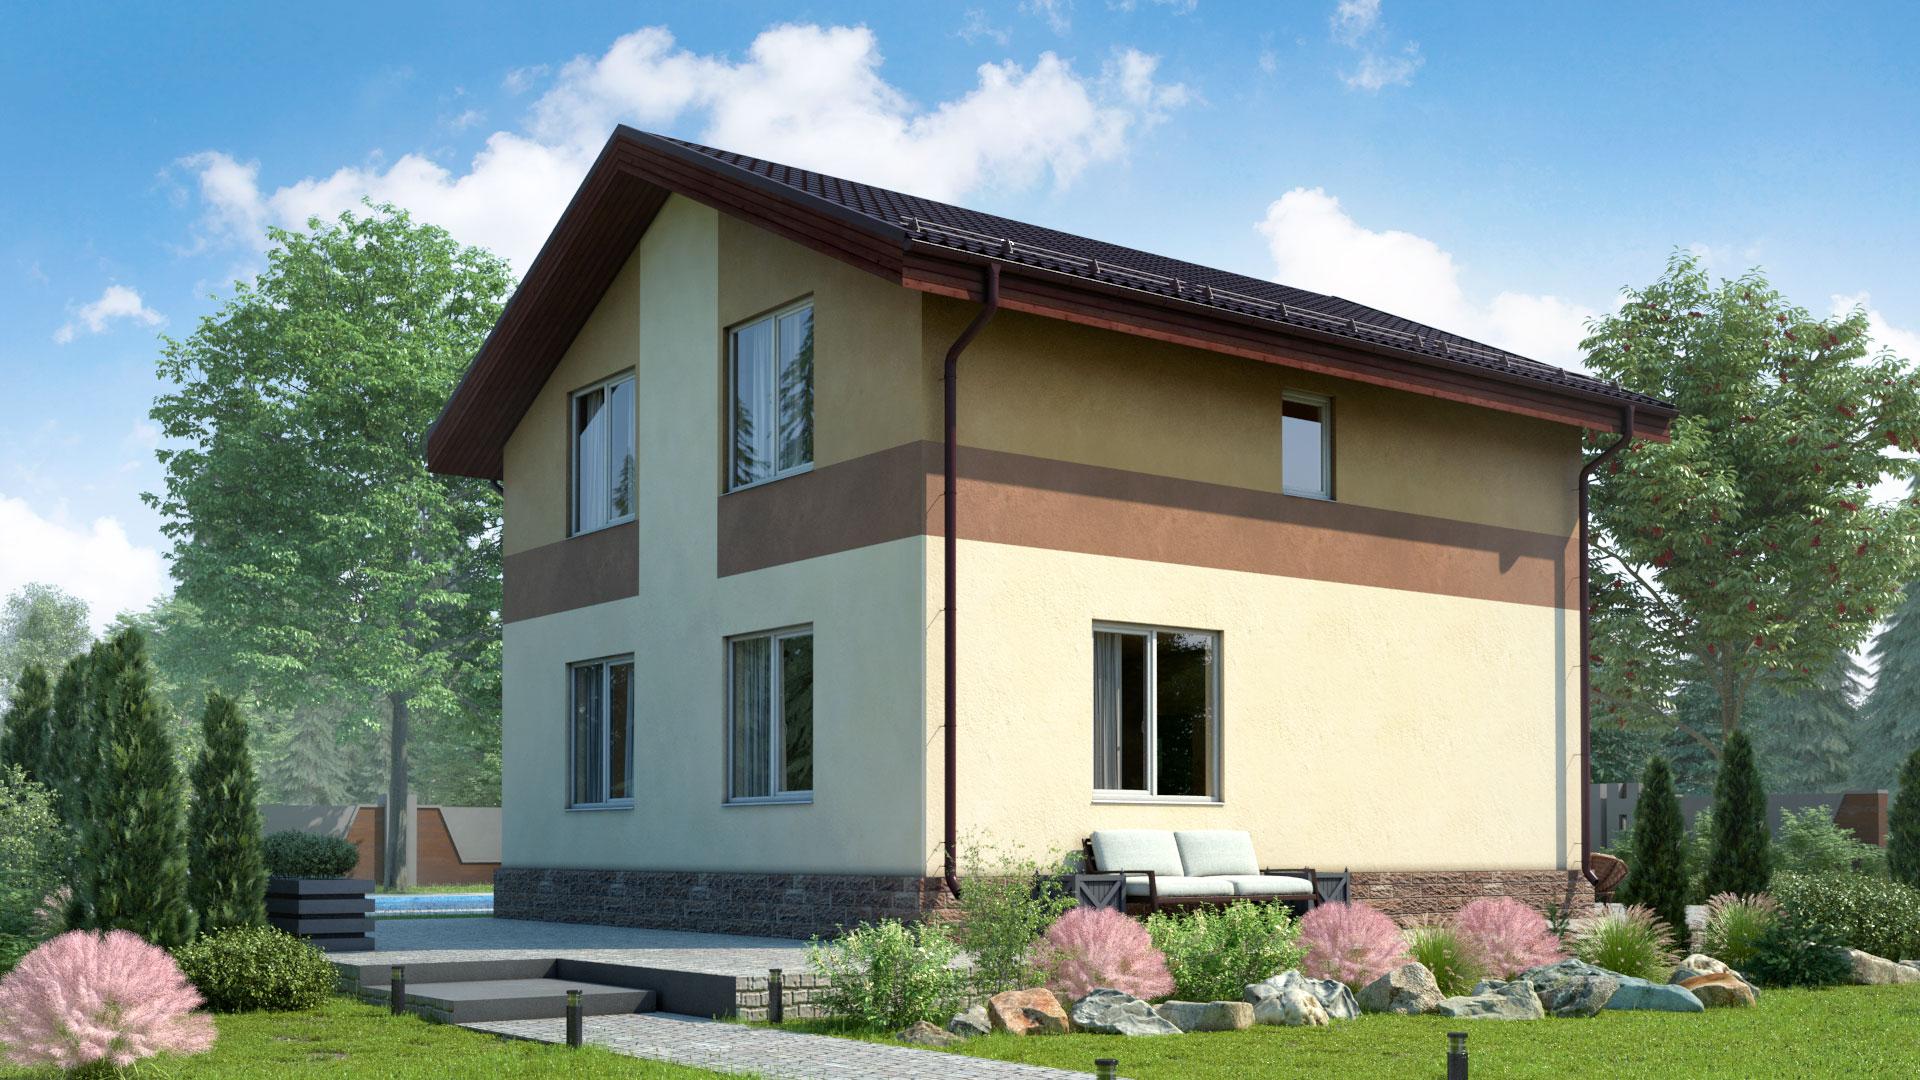 Передний фасад двухэтажного дома 8 на 9 метров. Проект БЭНПАН МС-126/1.